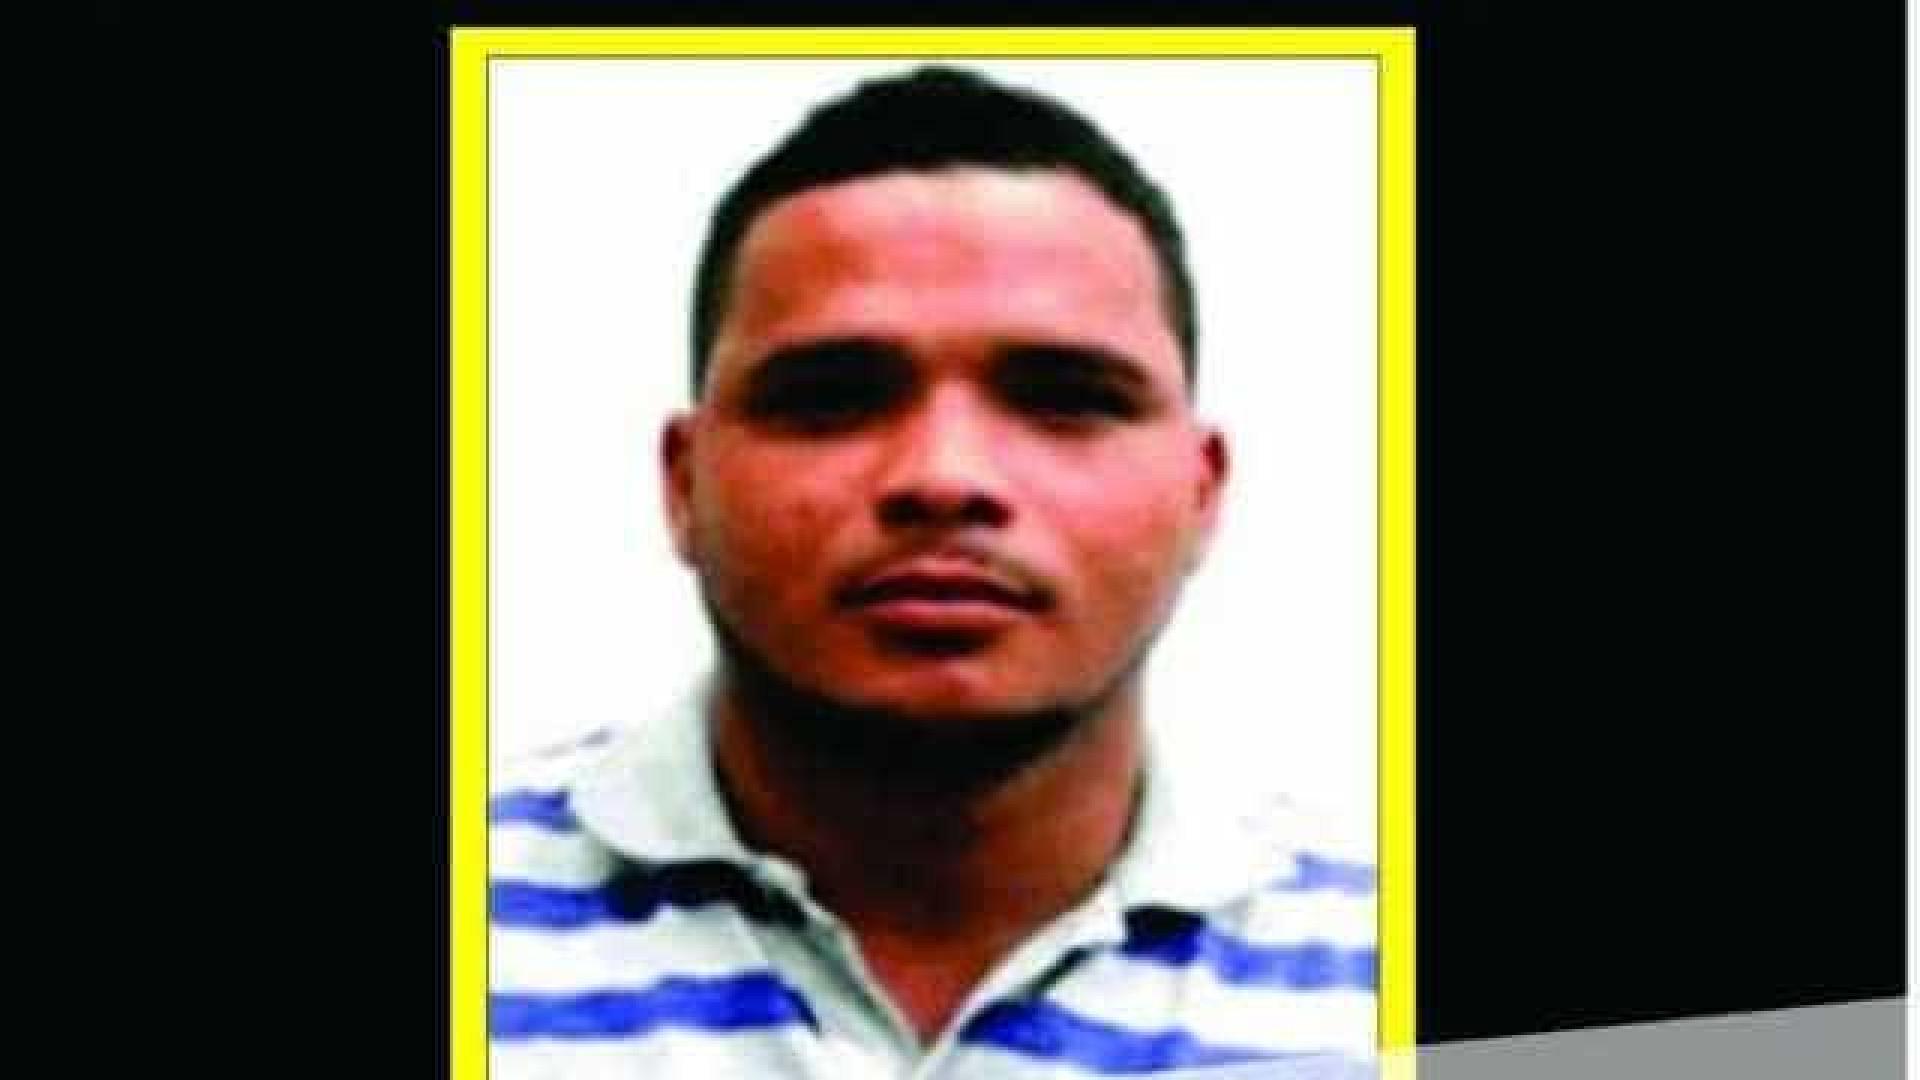 Suspeito de queimar corpo de policial em 'microondas' é preso no RJ